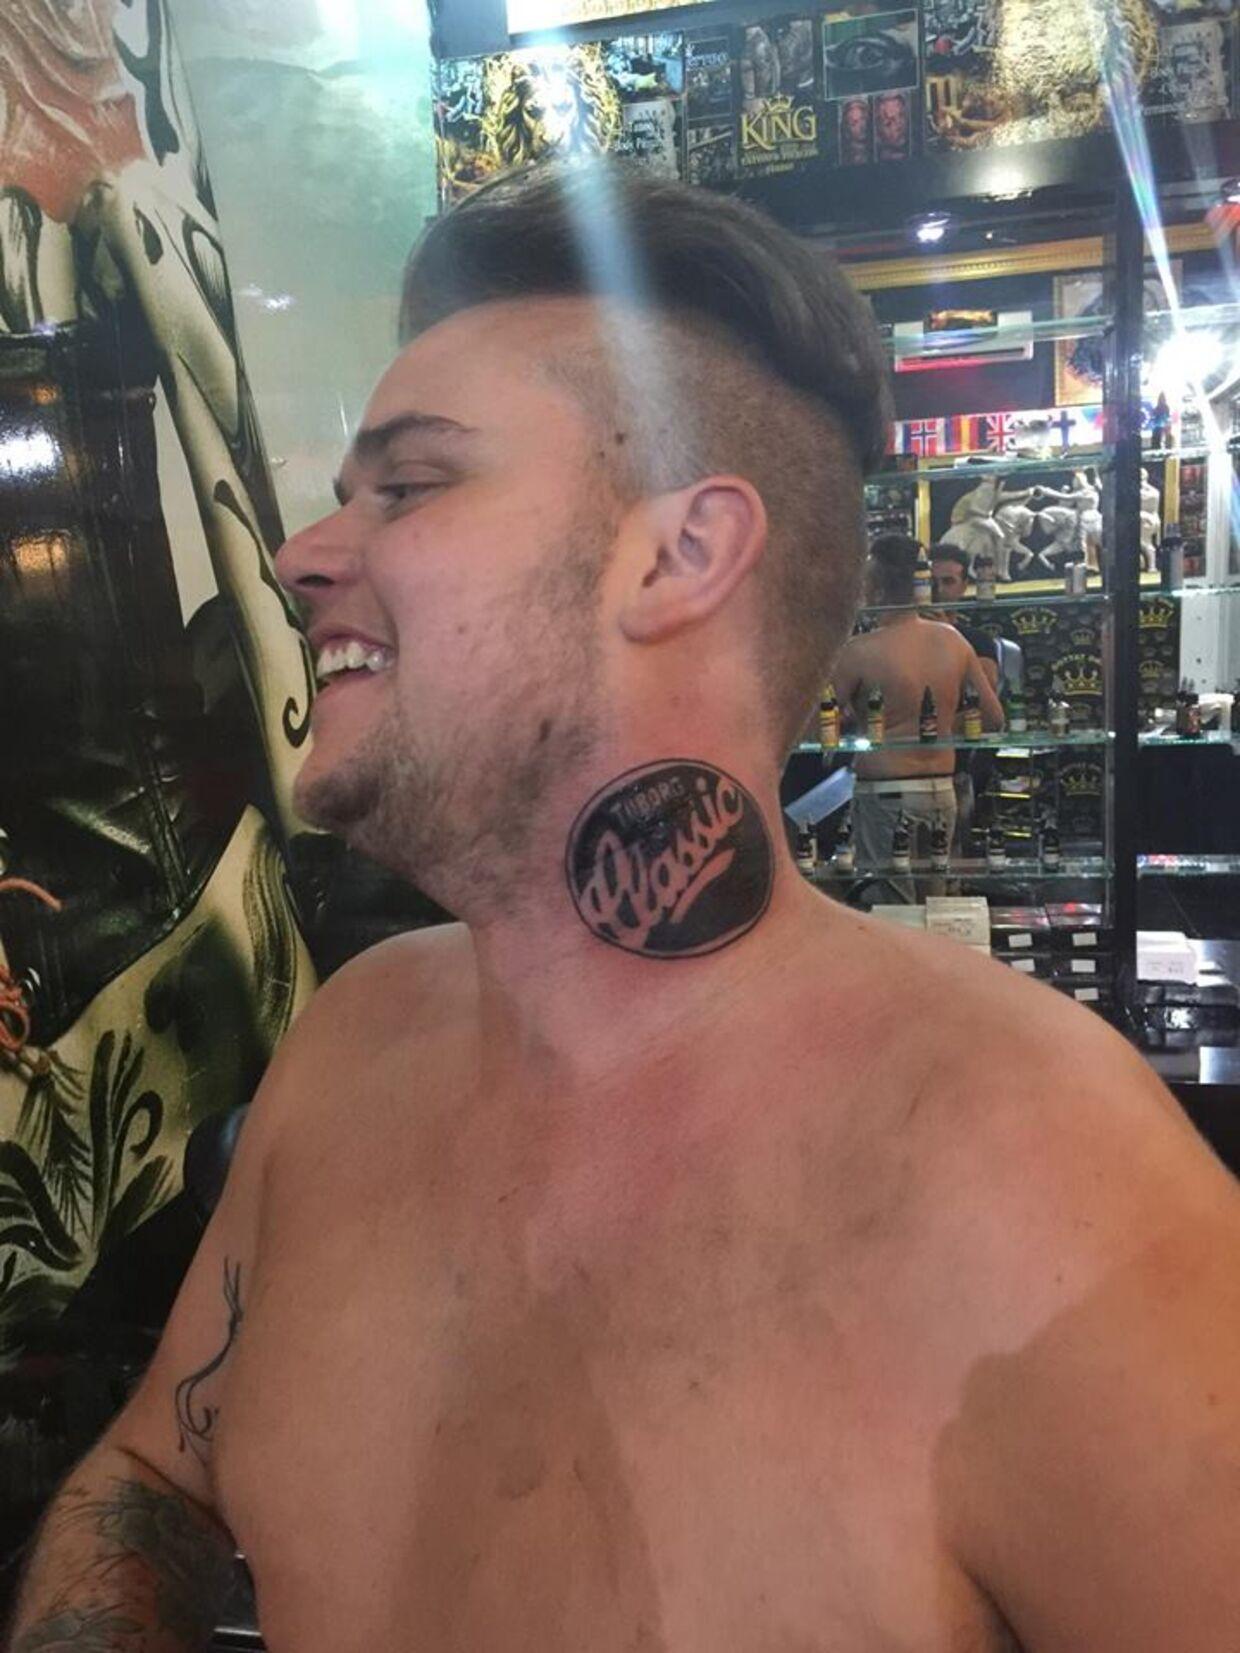 hals tatovering